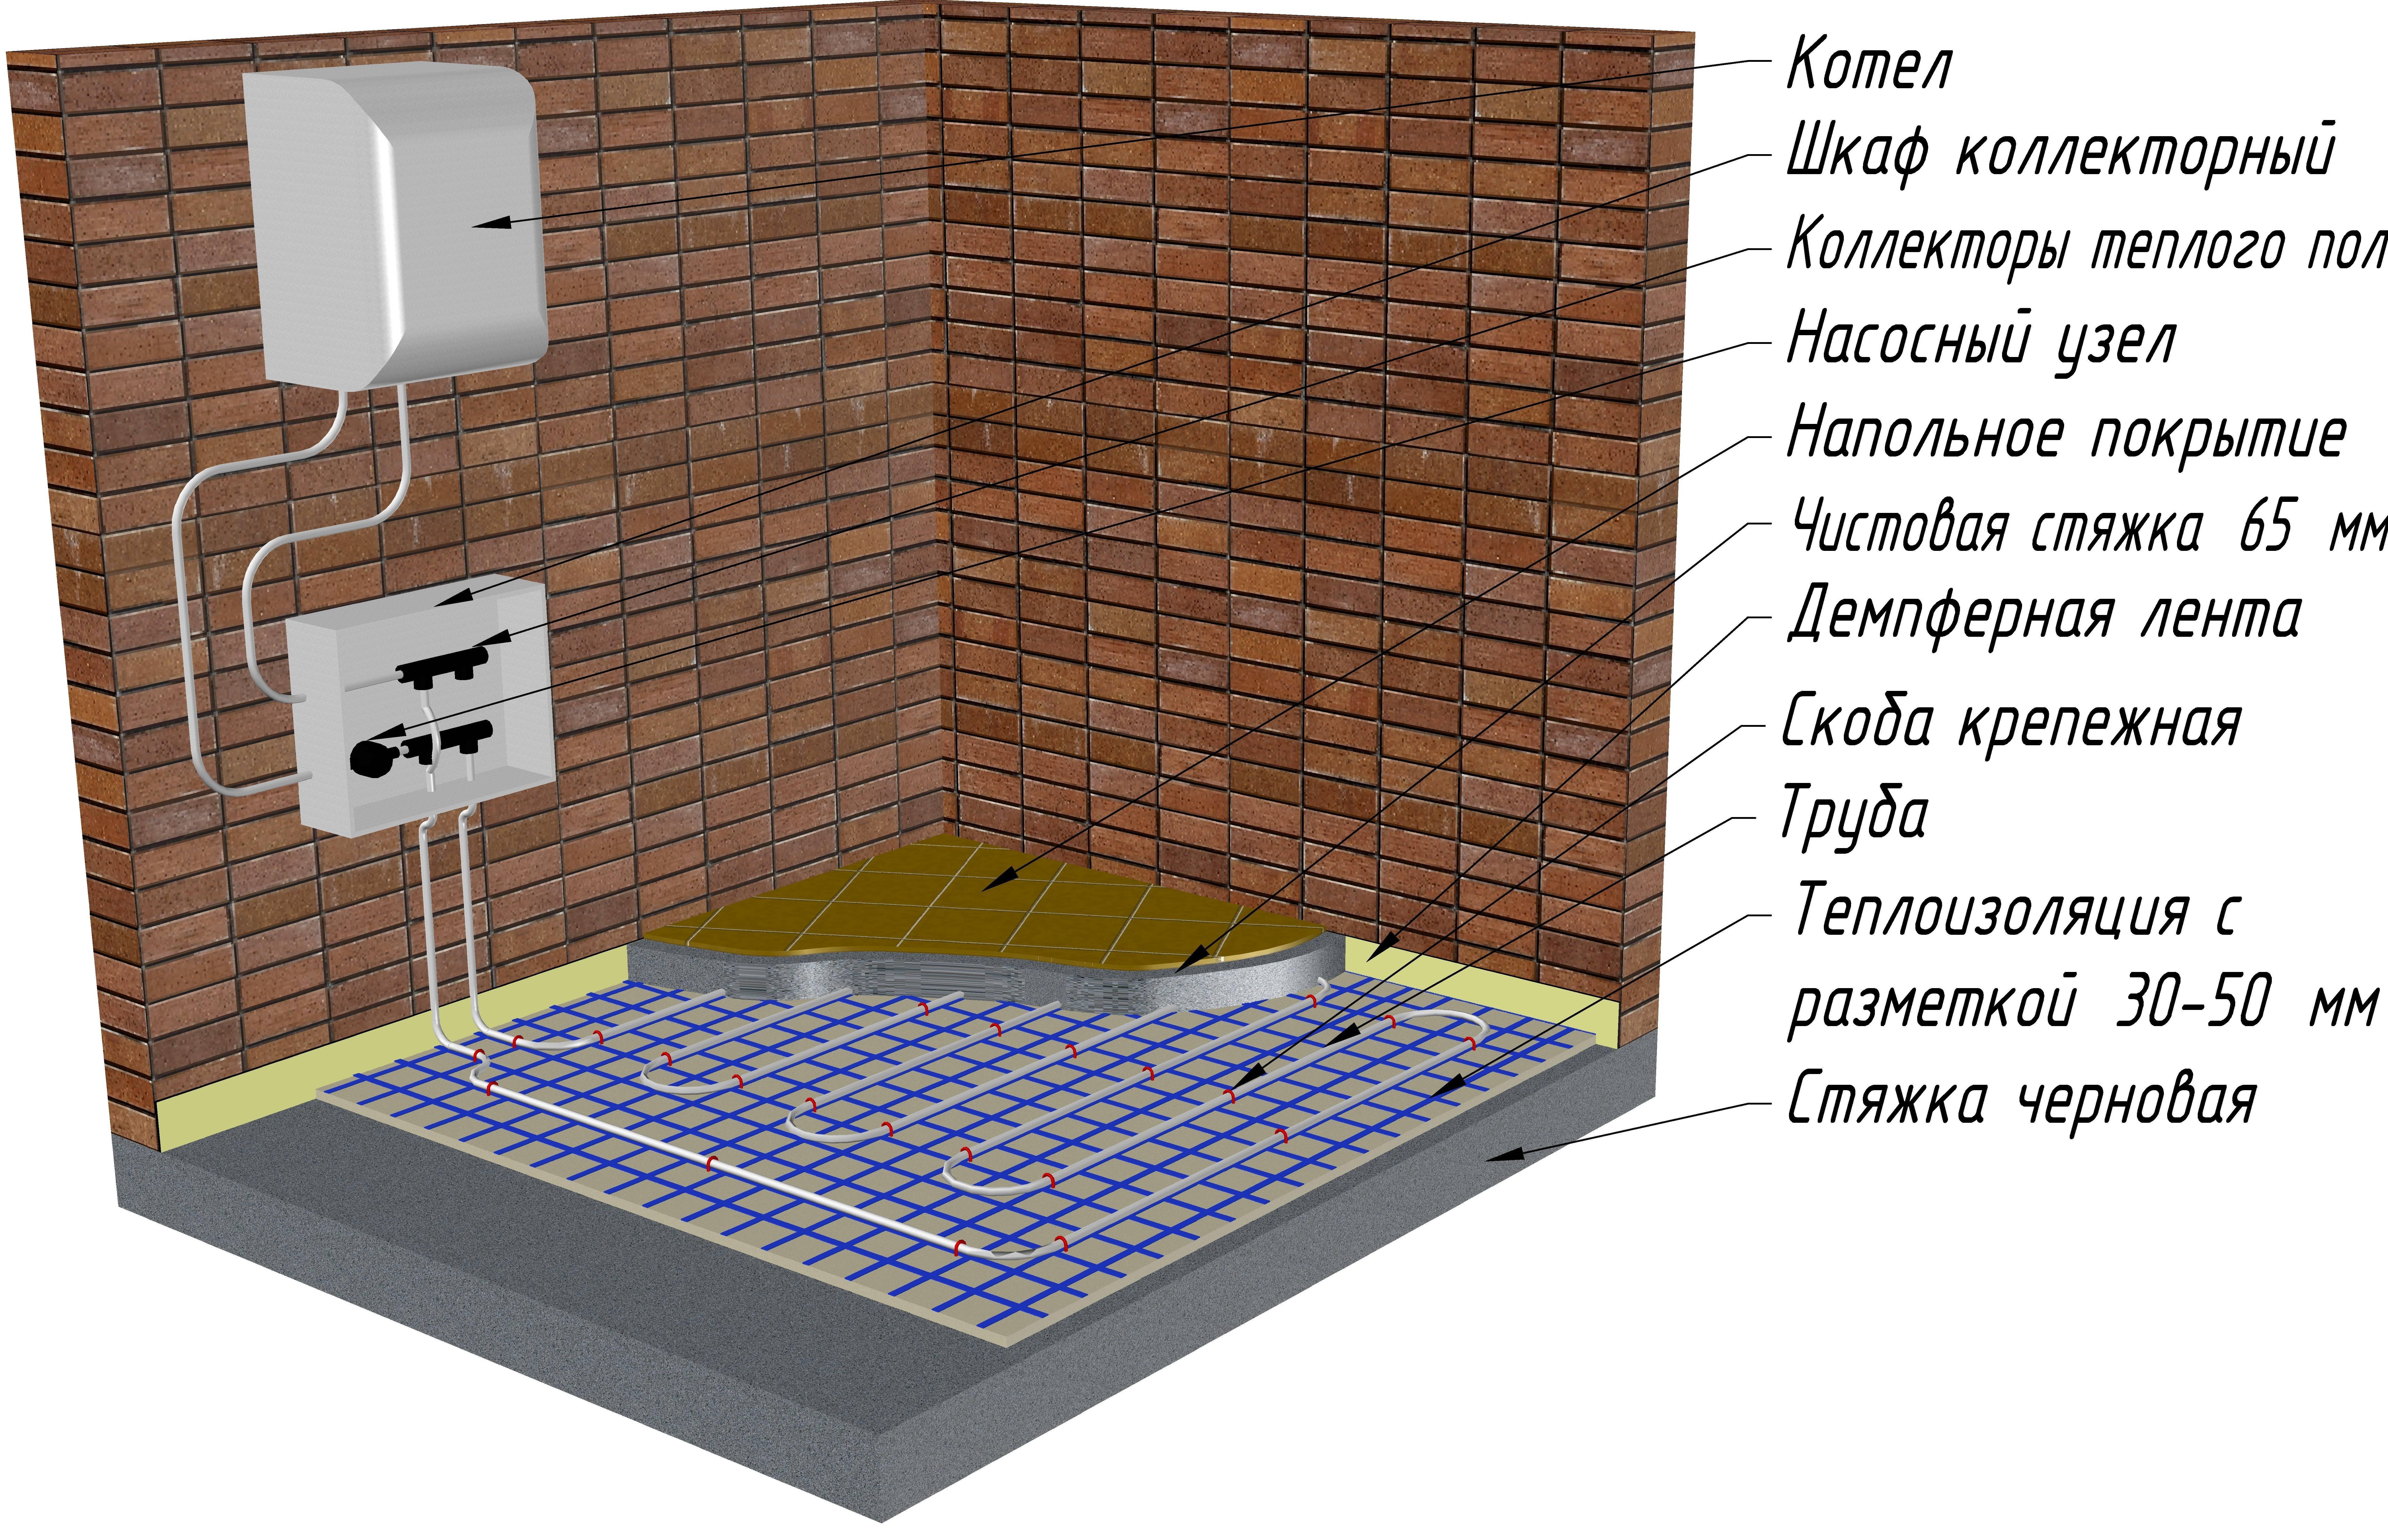 Устройство и установка электрического кабельного и инфракрасного теплого пола